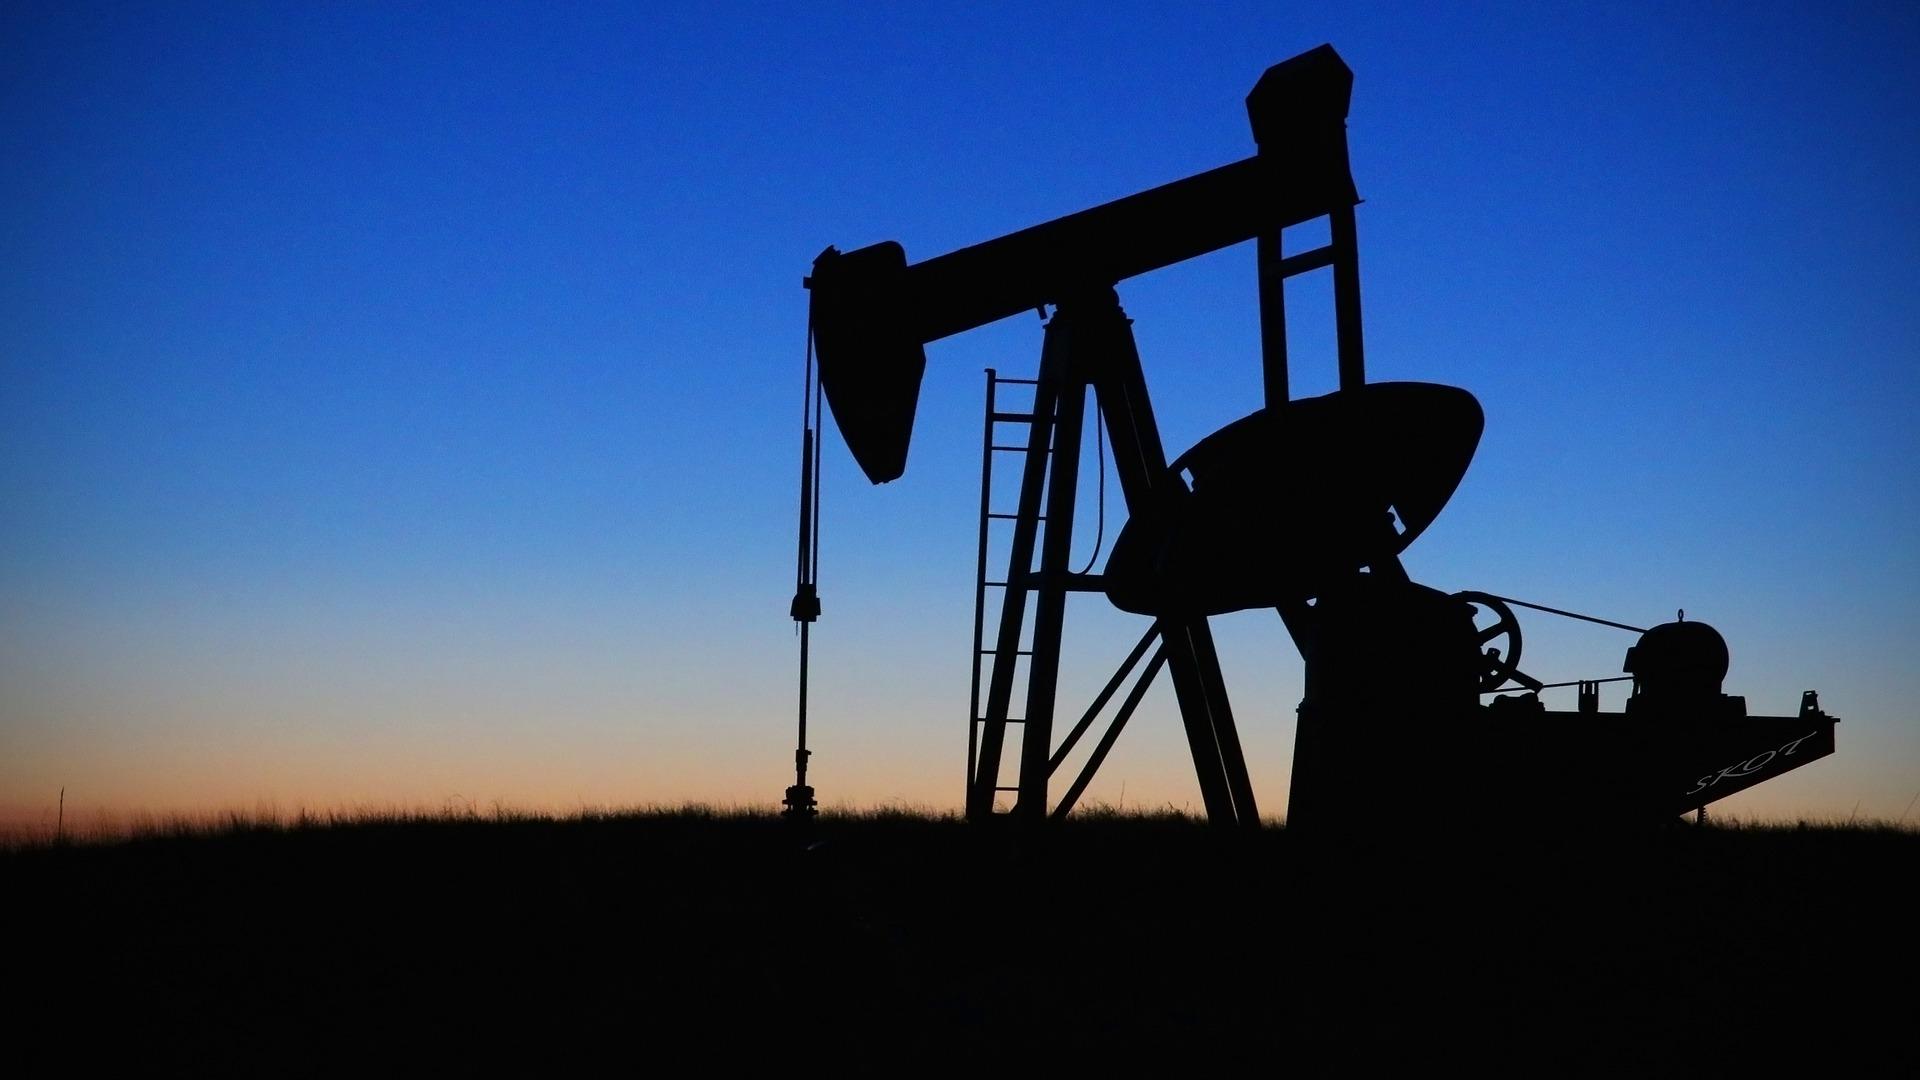 Optimismus bei Anlegern setzt Edelmetalle unter Druck